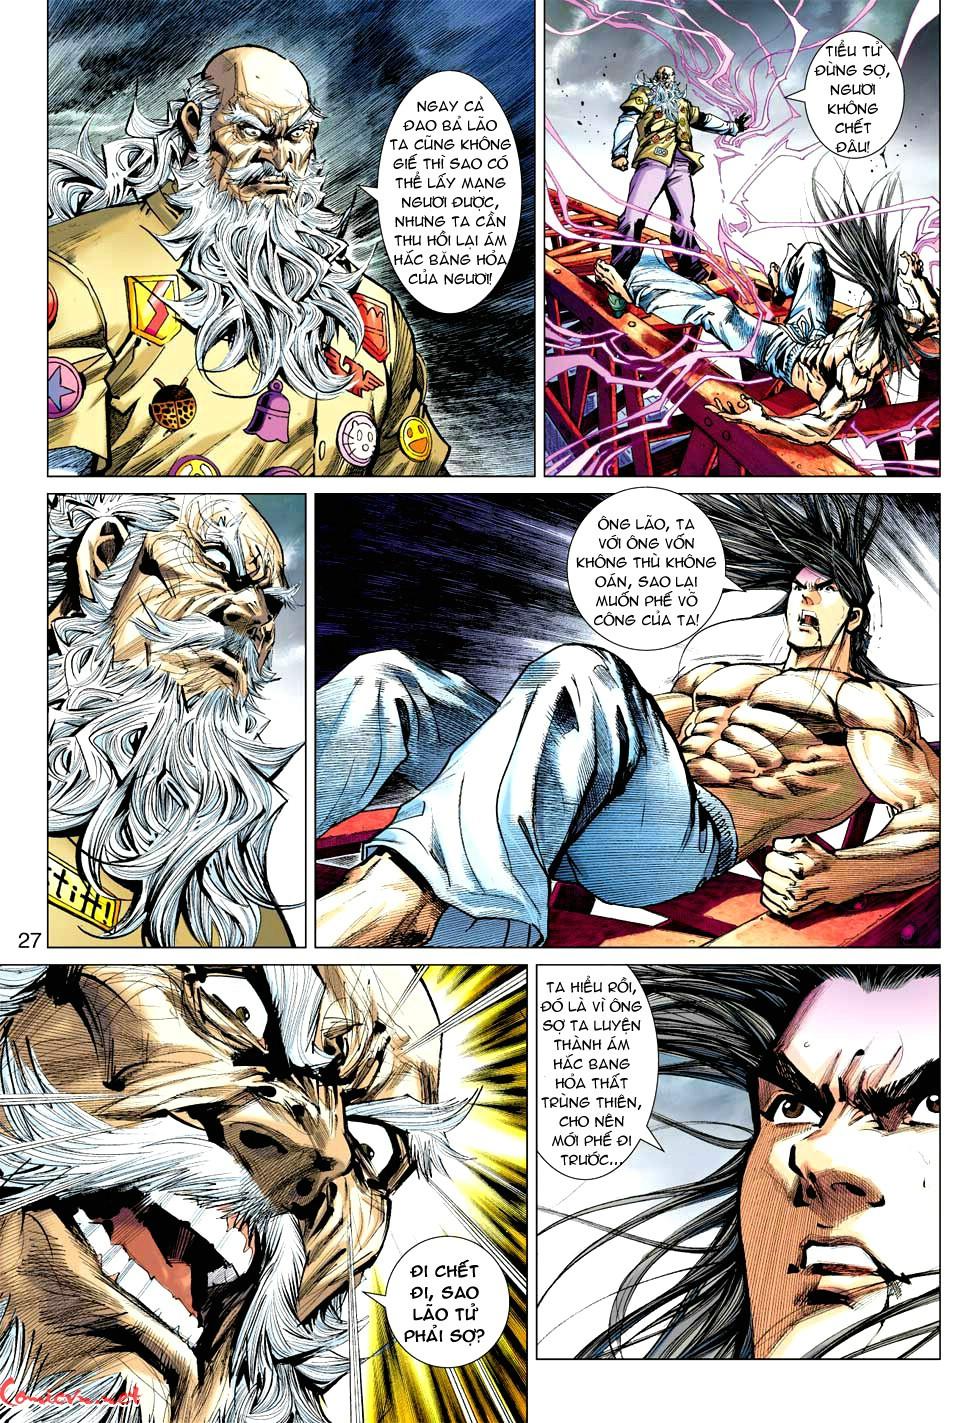 Vương Phong Lôi 1 chap 49 - Trang 28